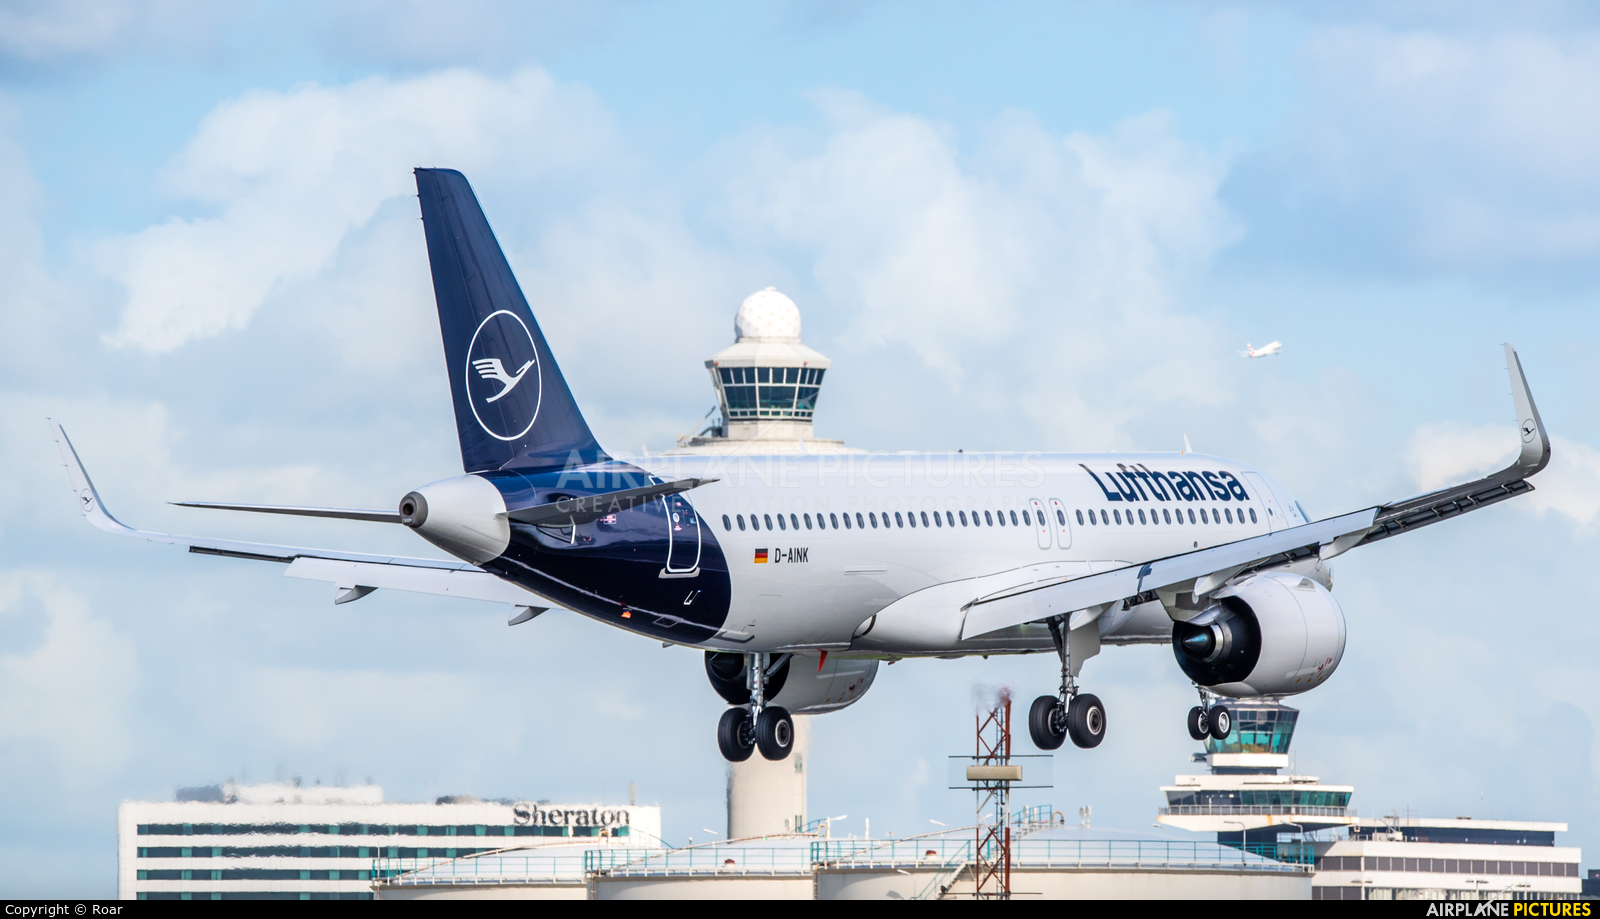 Lufthansa D-AINK aircraft at Amsterdam - Schiphol